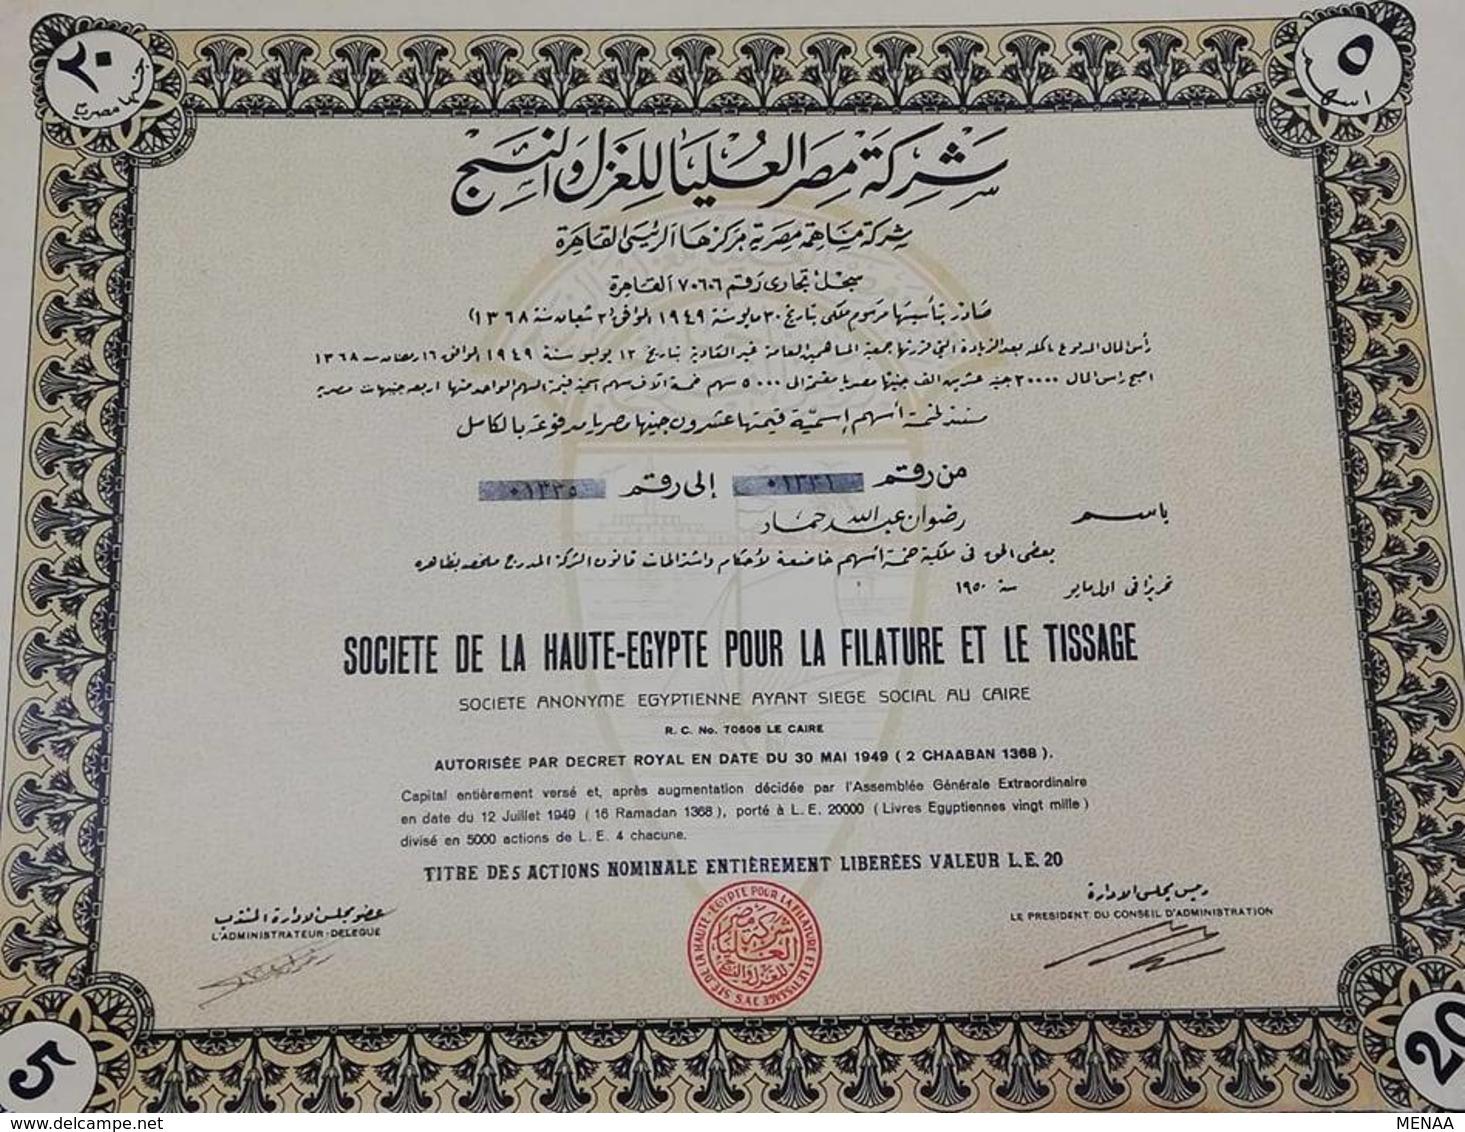 EGYPT -Societe De La Haute-Egypt Pour La Filature Et Le Tissage - 1950 -  5 Actions - VVVV RARE - Afrika